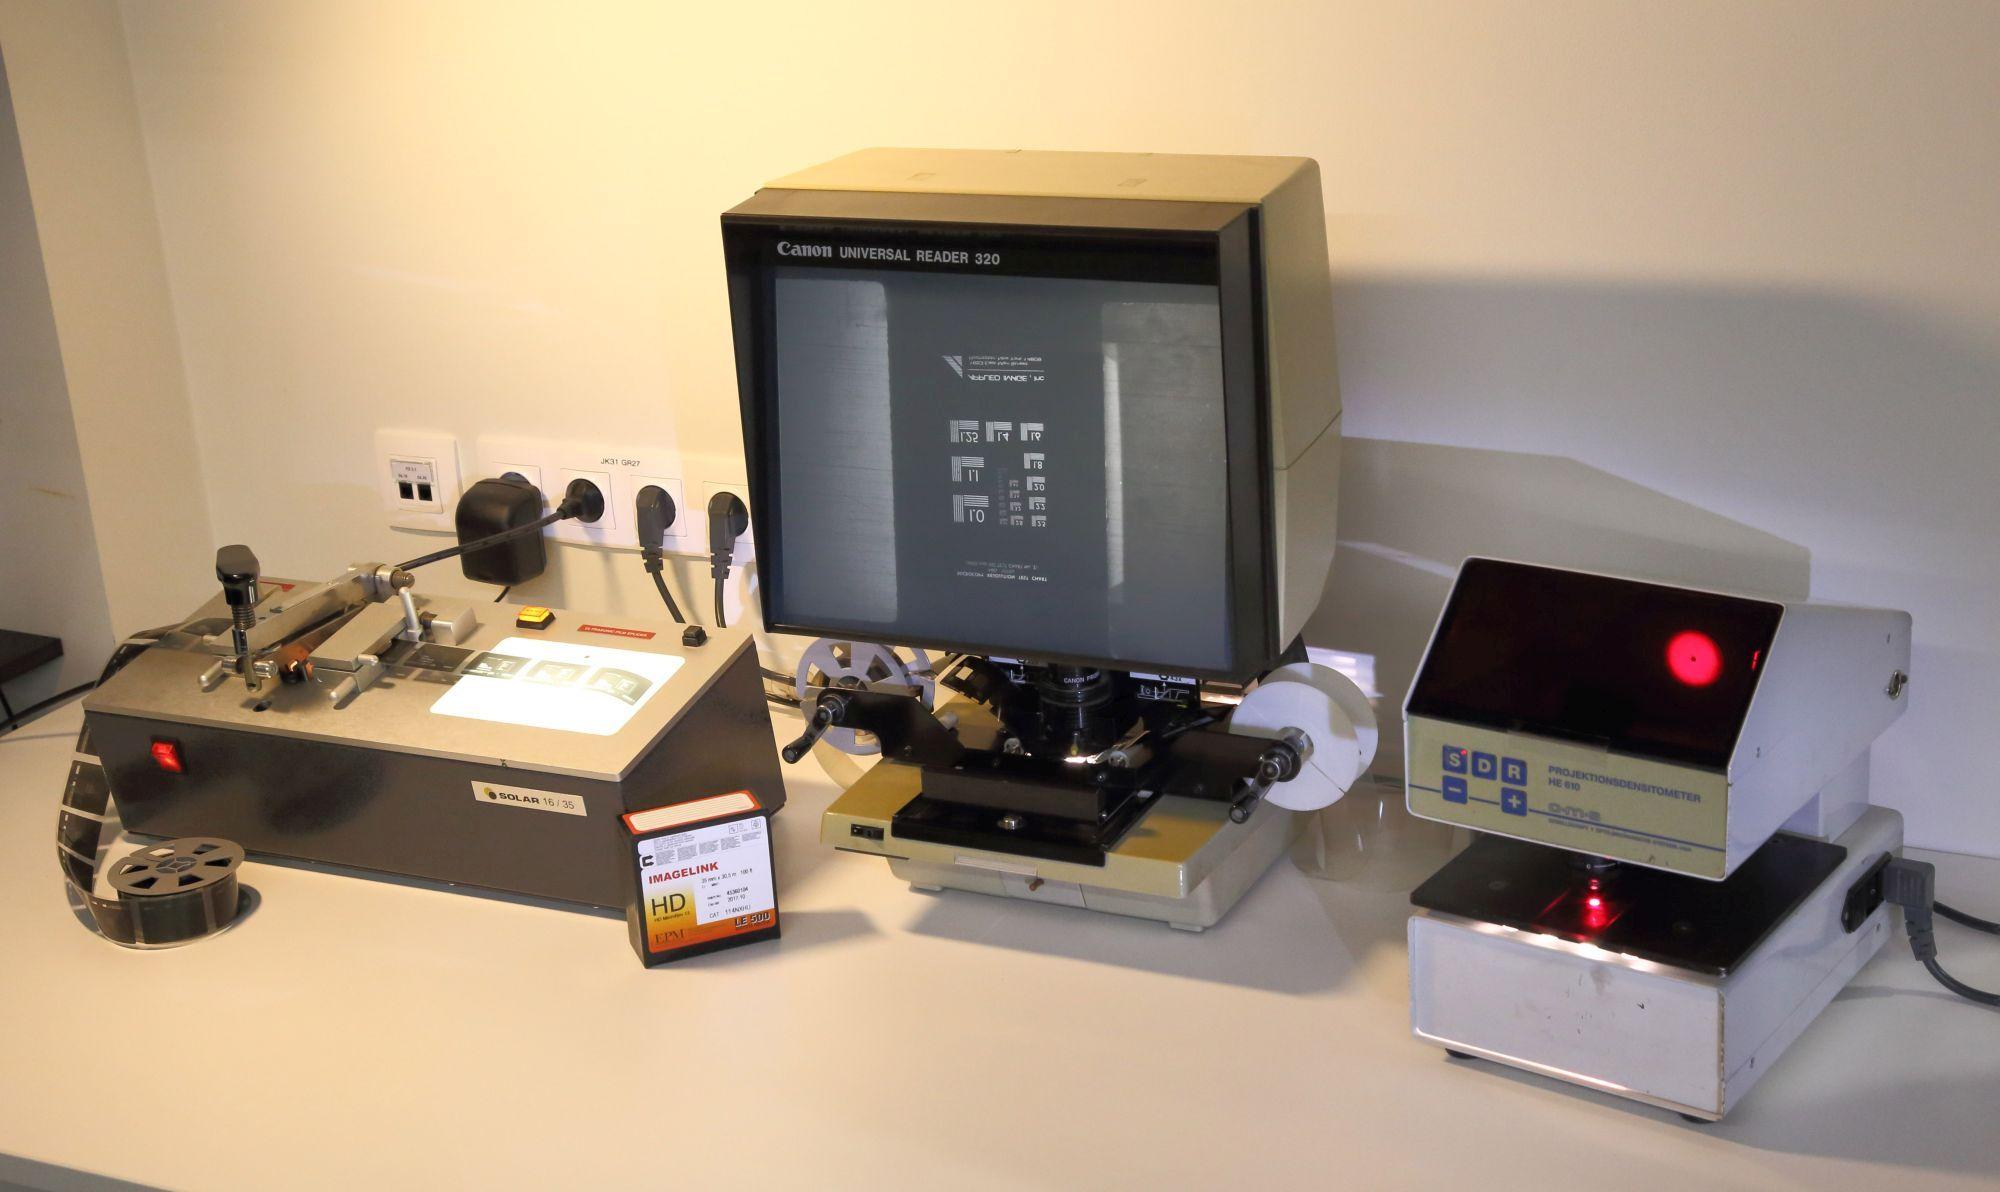 Mikrofilmide kvaliteedi kontrollimiseks ja filmide lõikamiseks-parandamiseks kasutatavad seadmed